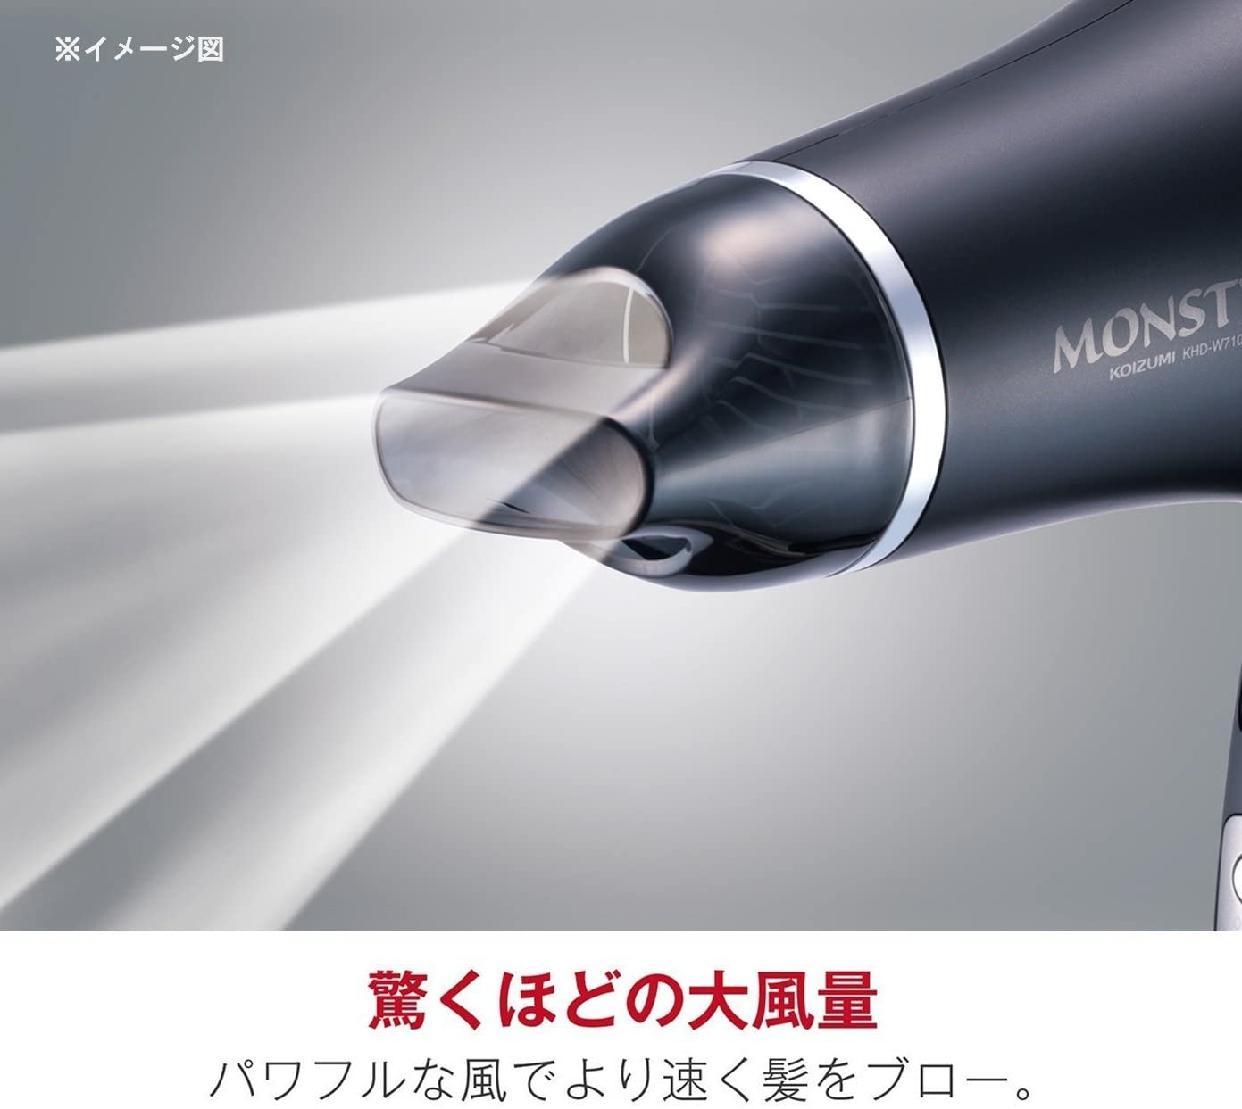 KOIZUMI(コイズミ) MONSTER ダブルファンドライヤー KHD-W710の商品画像2